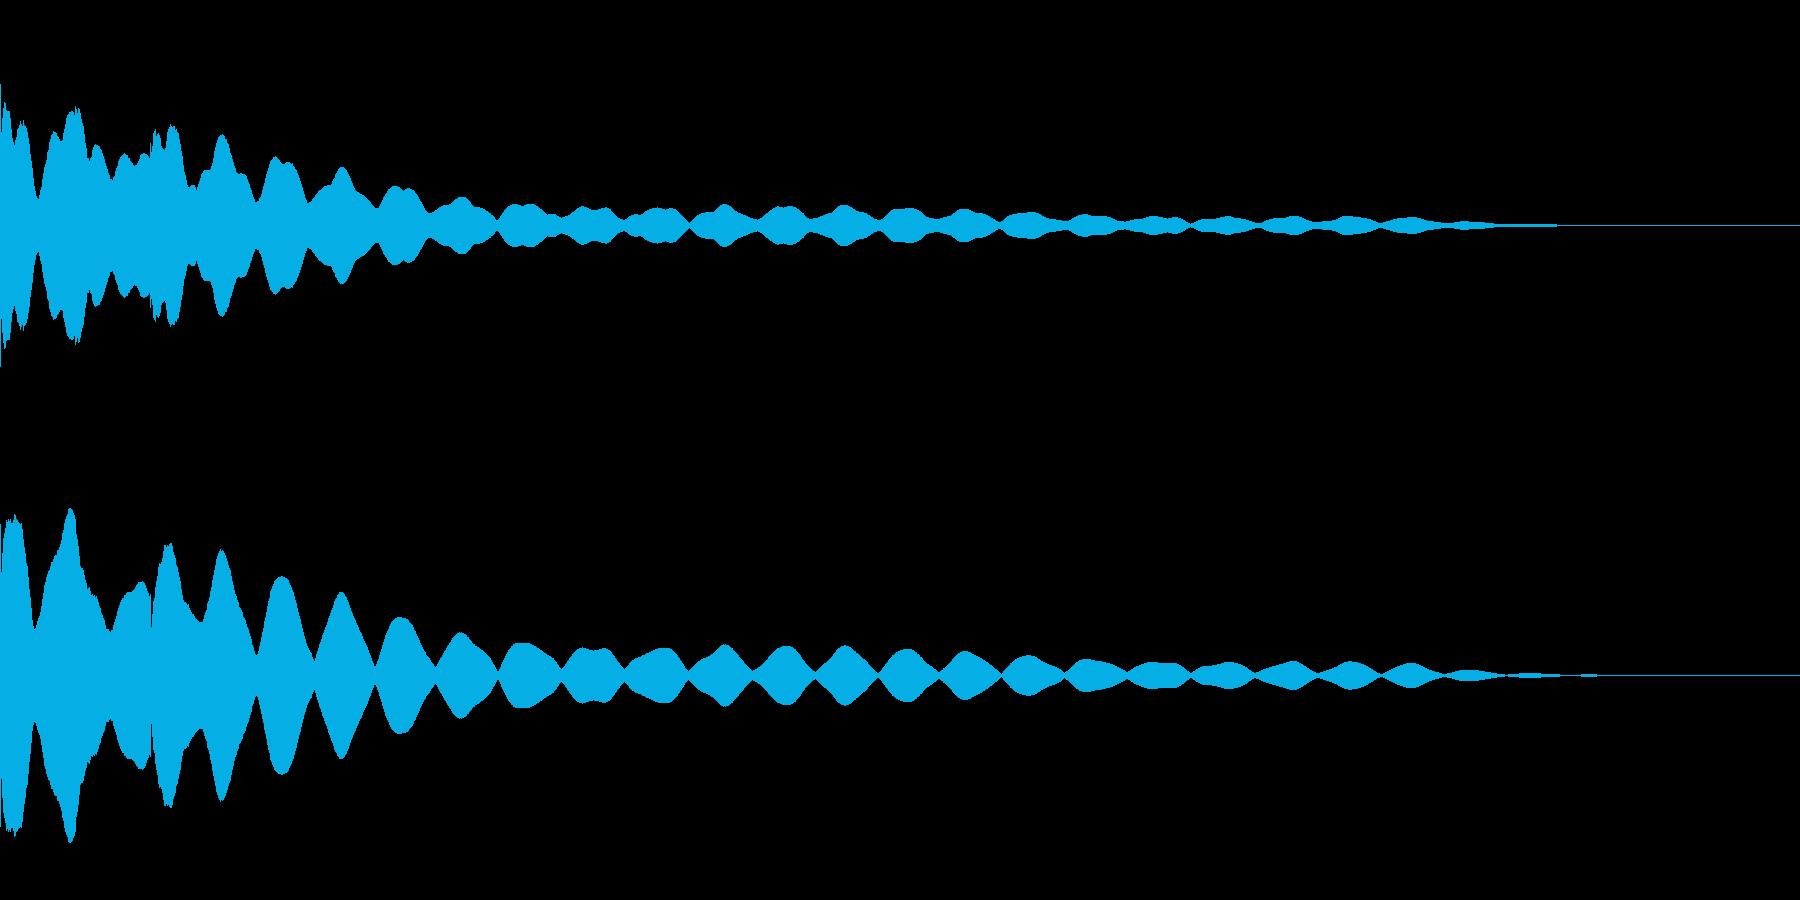 チーンチーン 仏壇の鐘の音2 リバーブ付の再生済みの波形